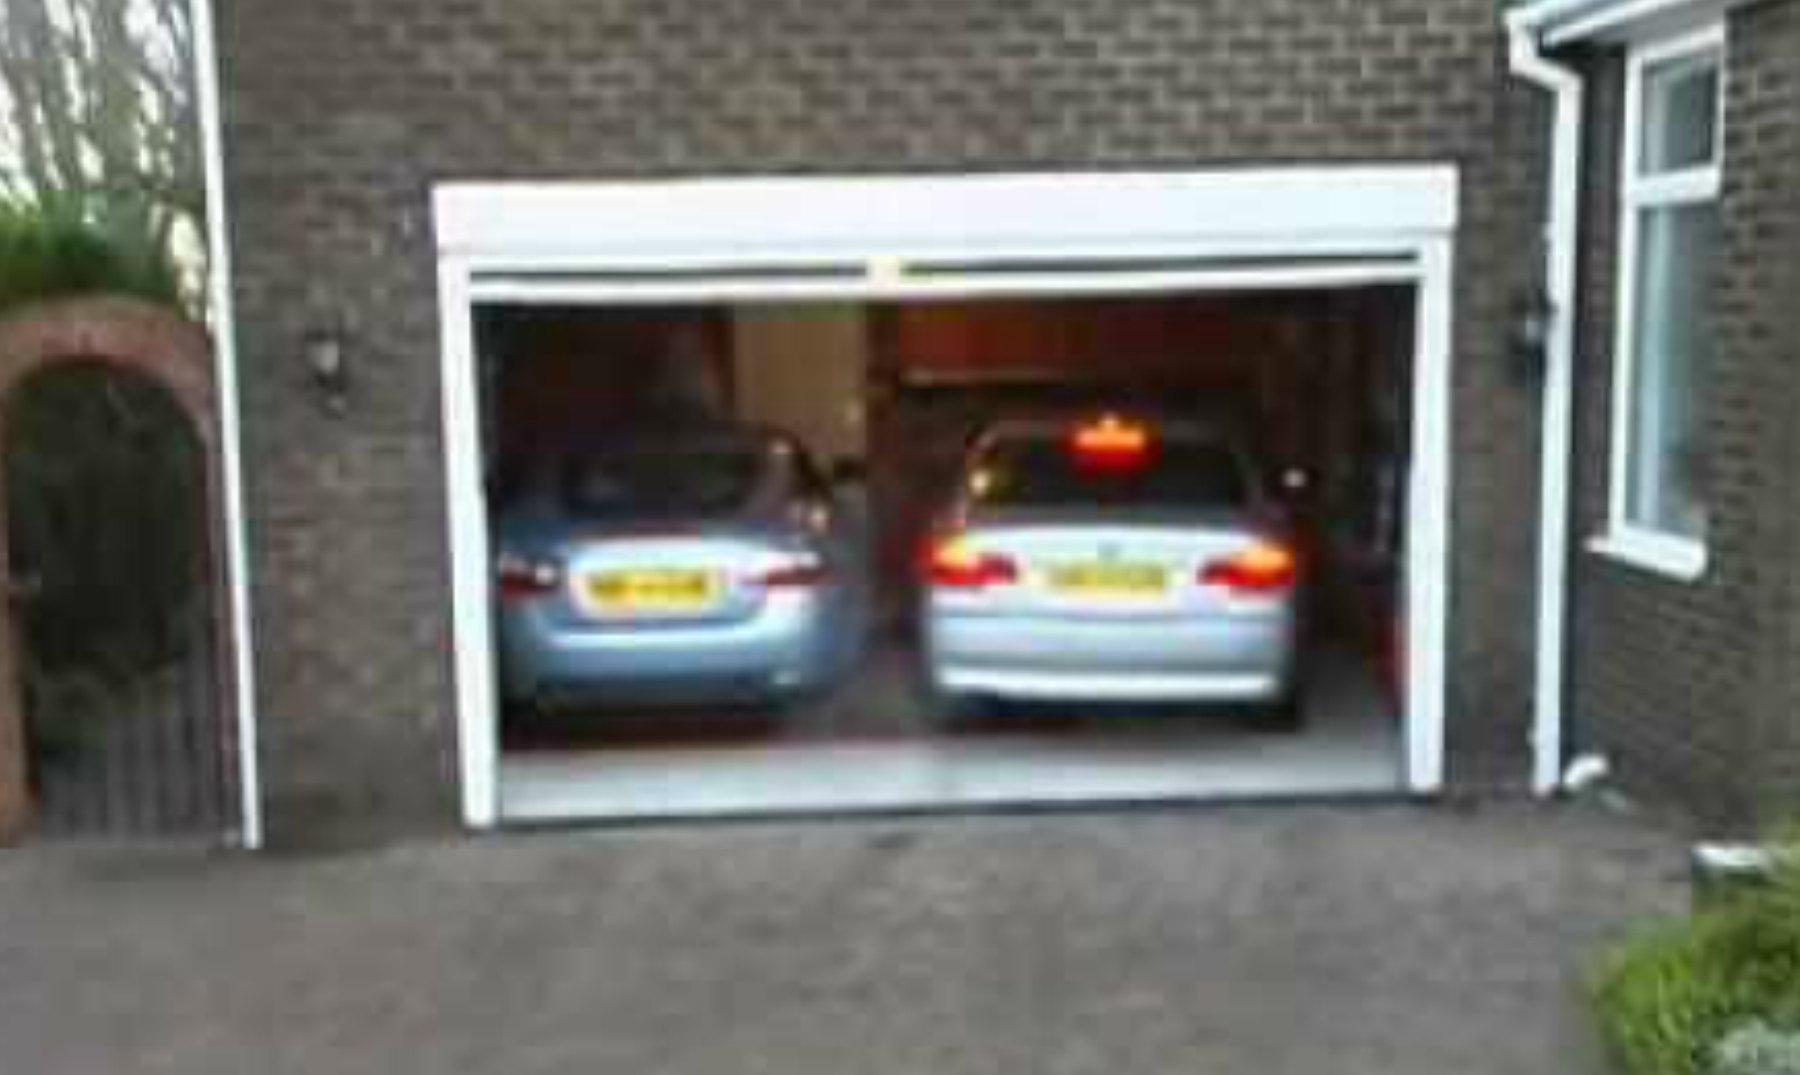 No pod a meter dos coches en el garaje as lo solucion - Garaje de coches ...